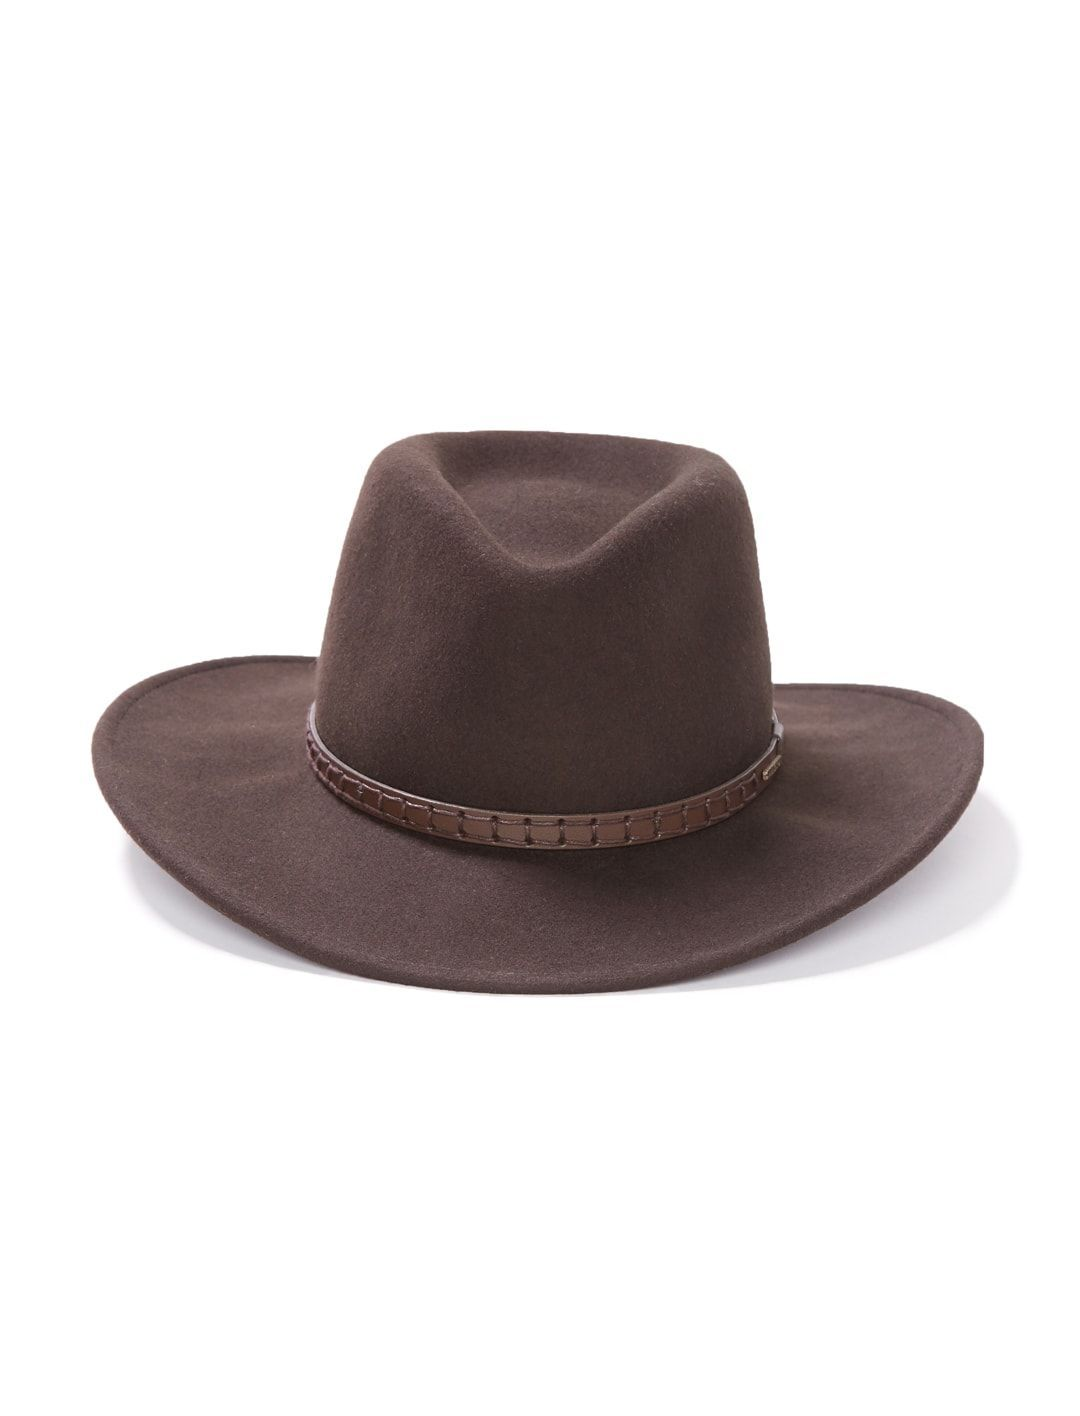 Stetson Men s Sturgis Outdoor Hat TWSTGS8130. Details 5dc44c1cc2d